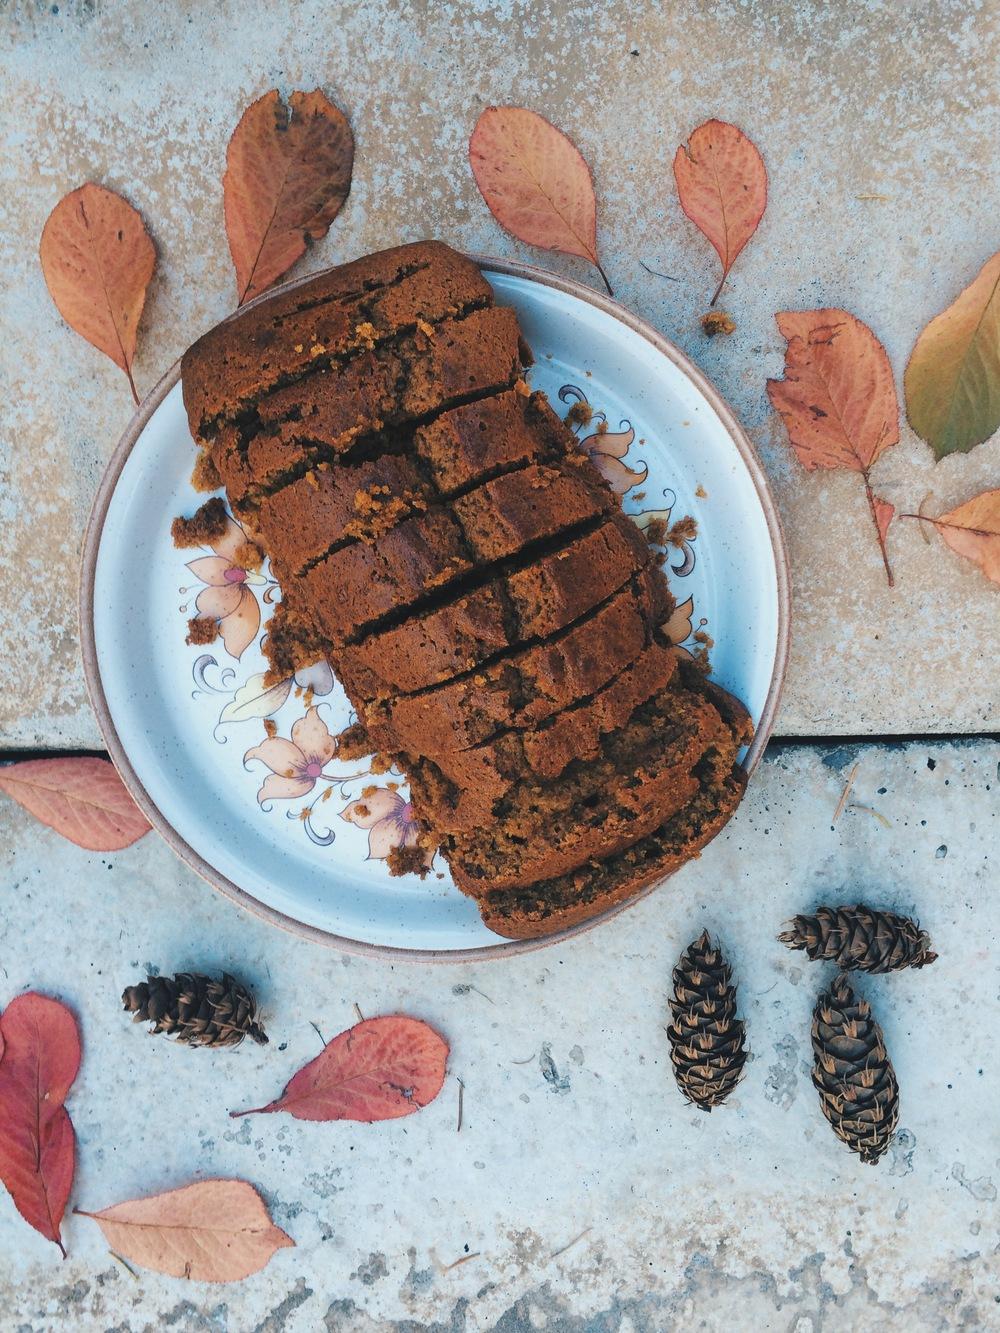 A freshly baked pumpkin loaf.